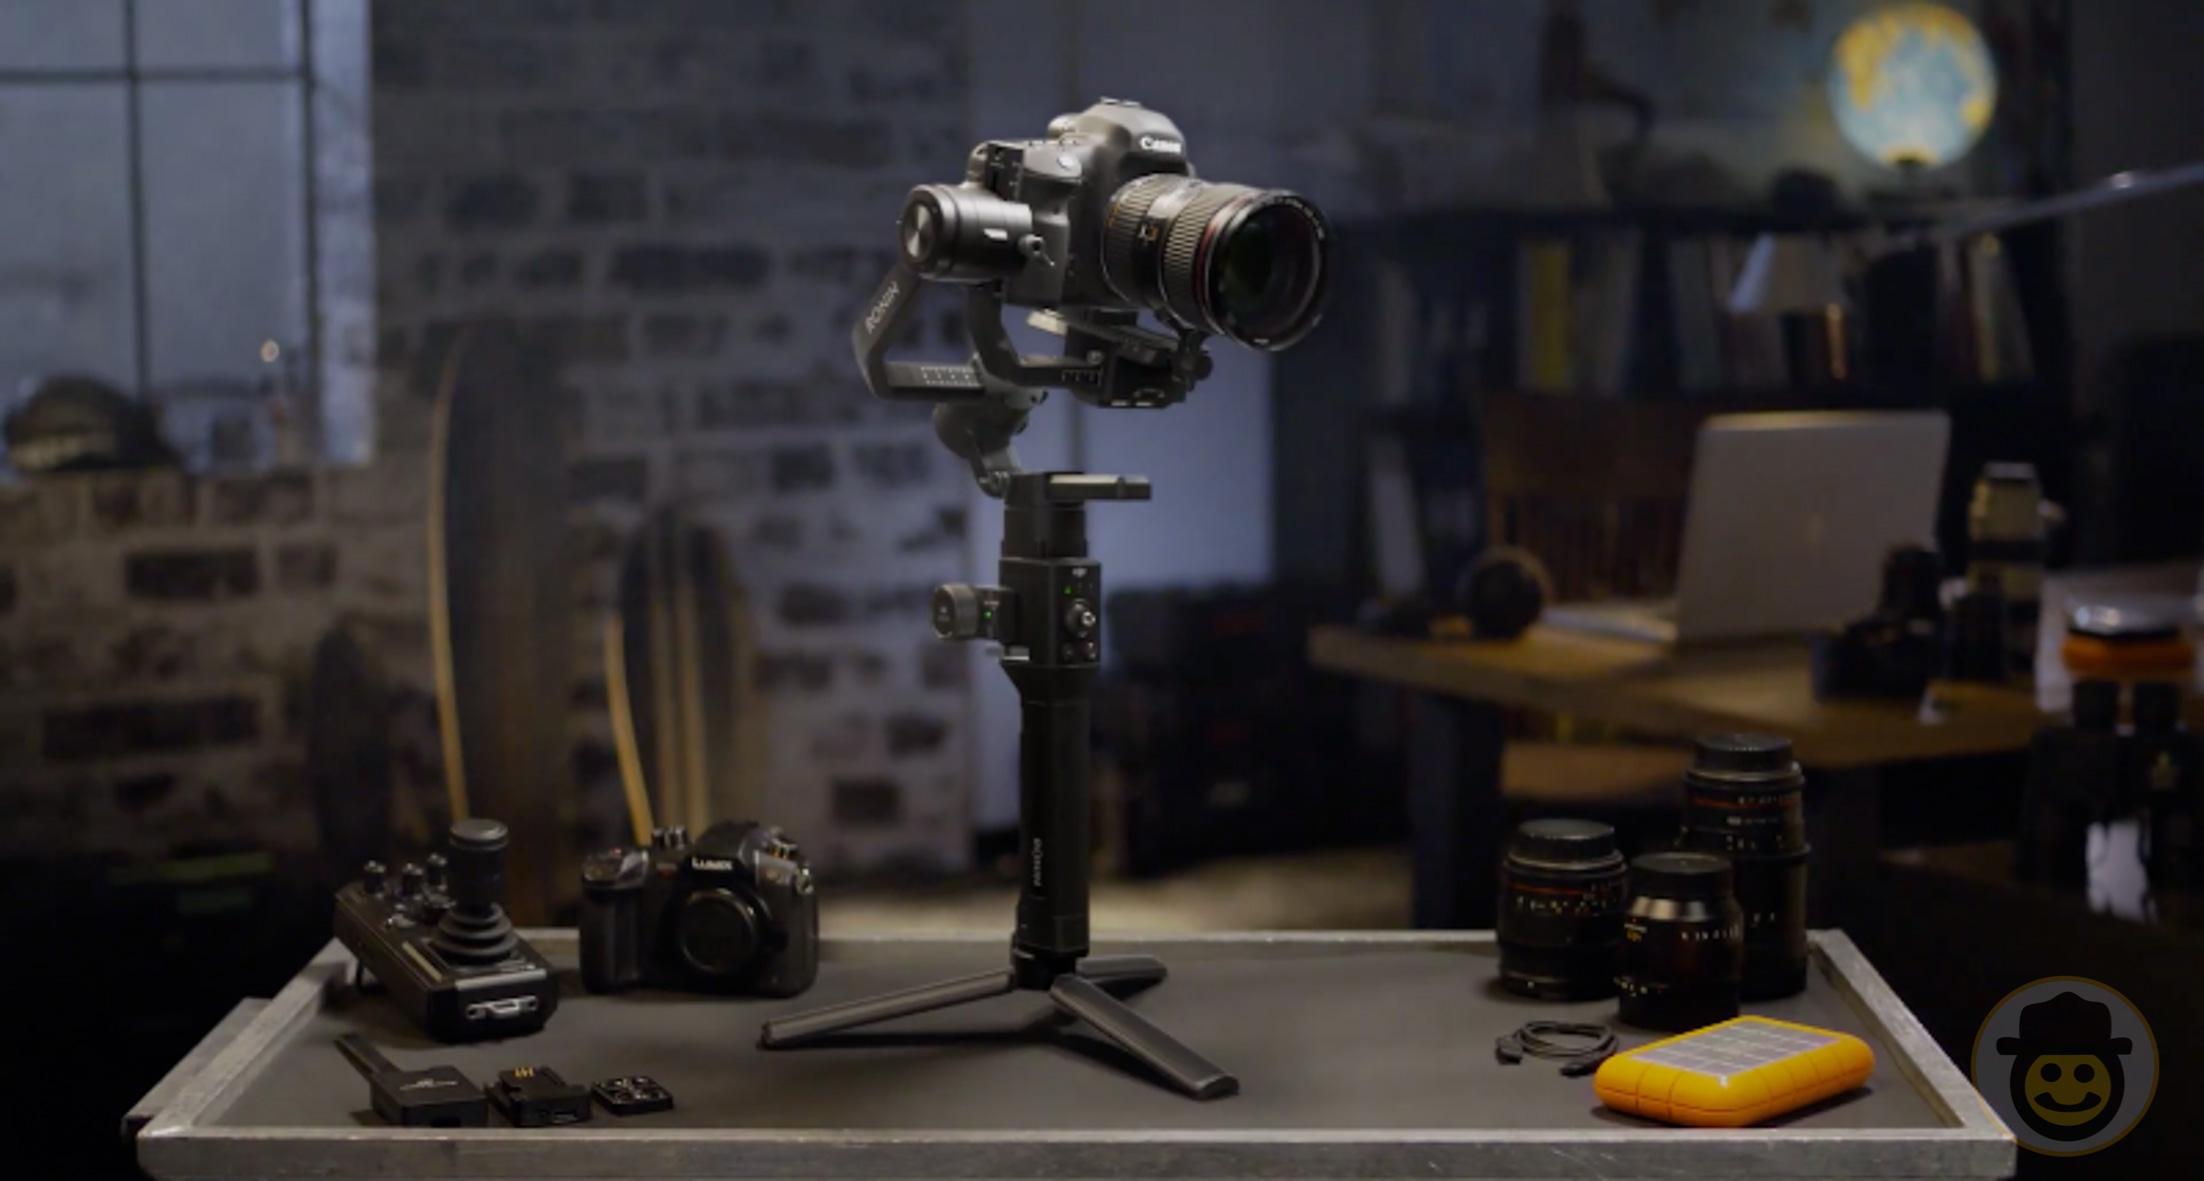 DJI、ミラーレスカメラ用の片手持ちスタビライザー3軸ジンバル「Ronin-SC」を発表